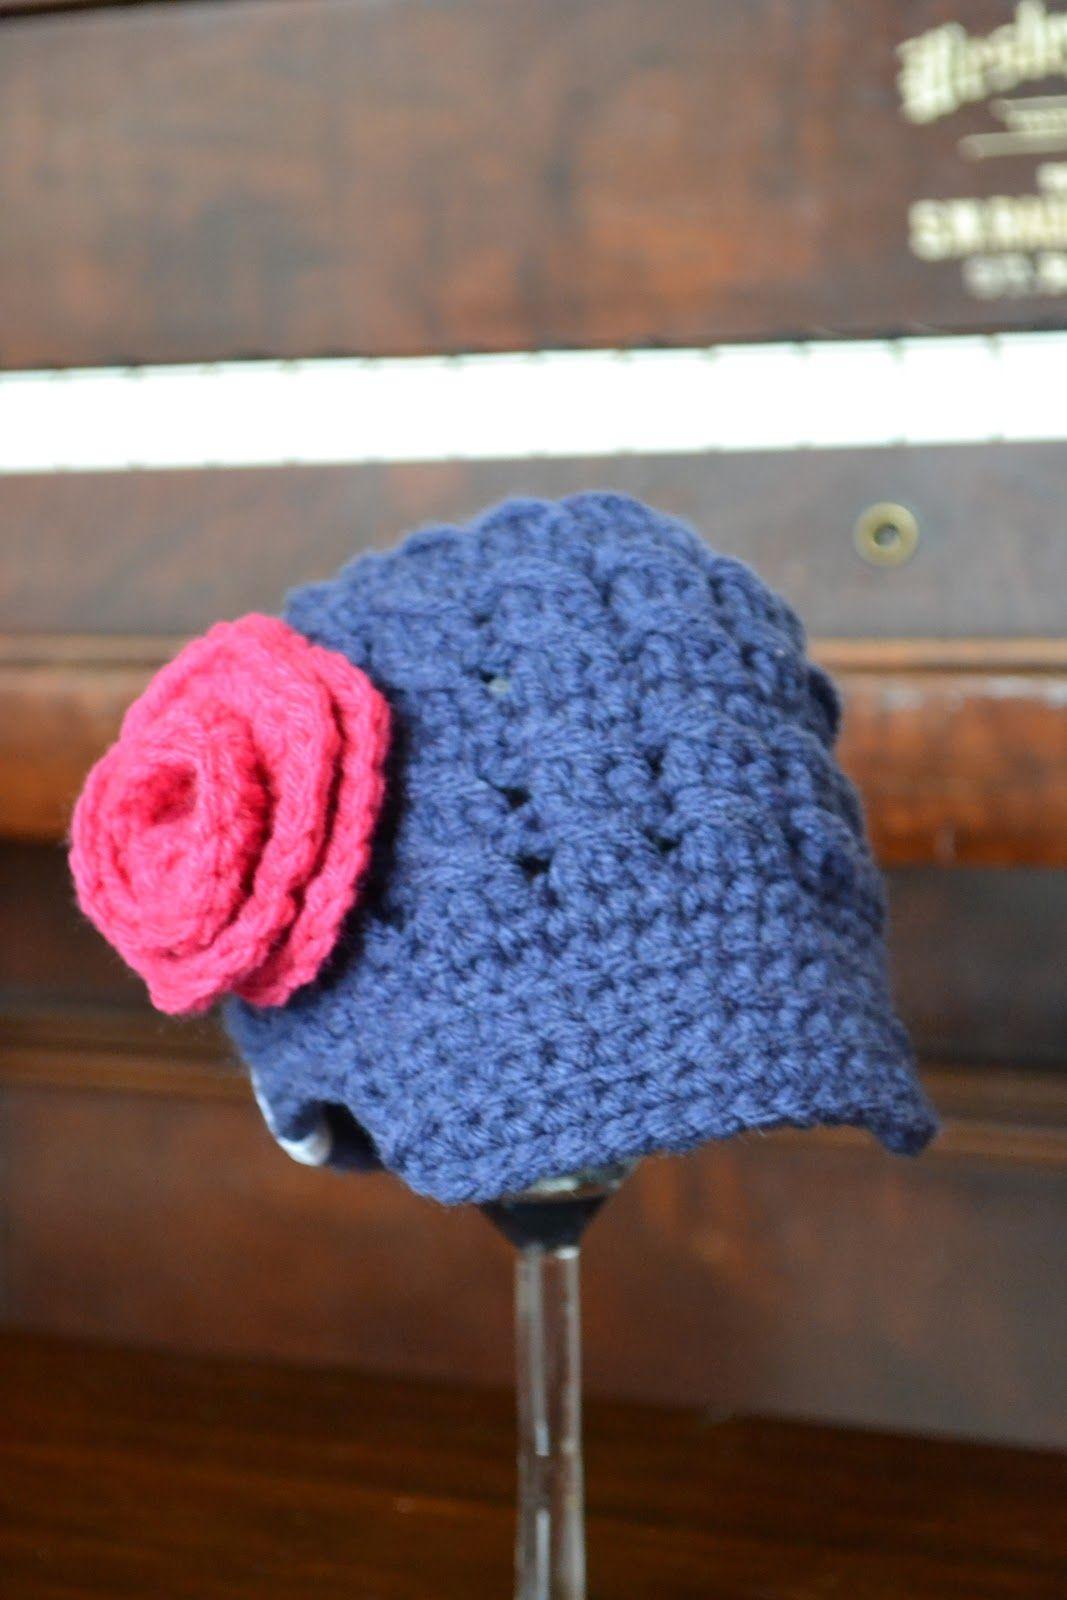 Knotty Knotty Crochet: Newborn Newsboy hat FREE PATTERN | Babies ...